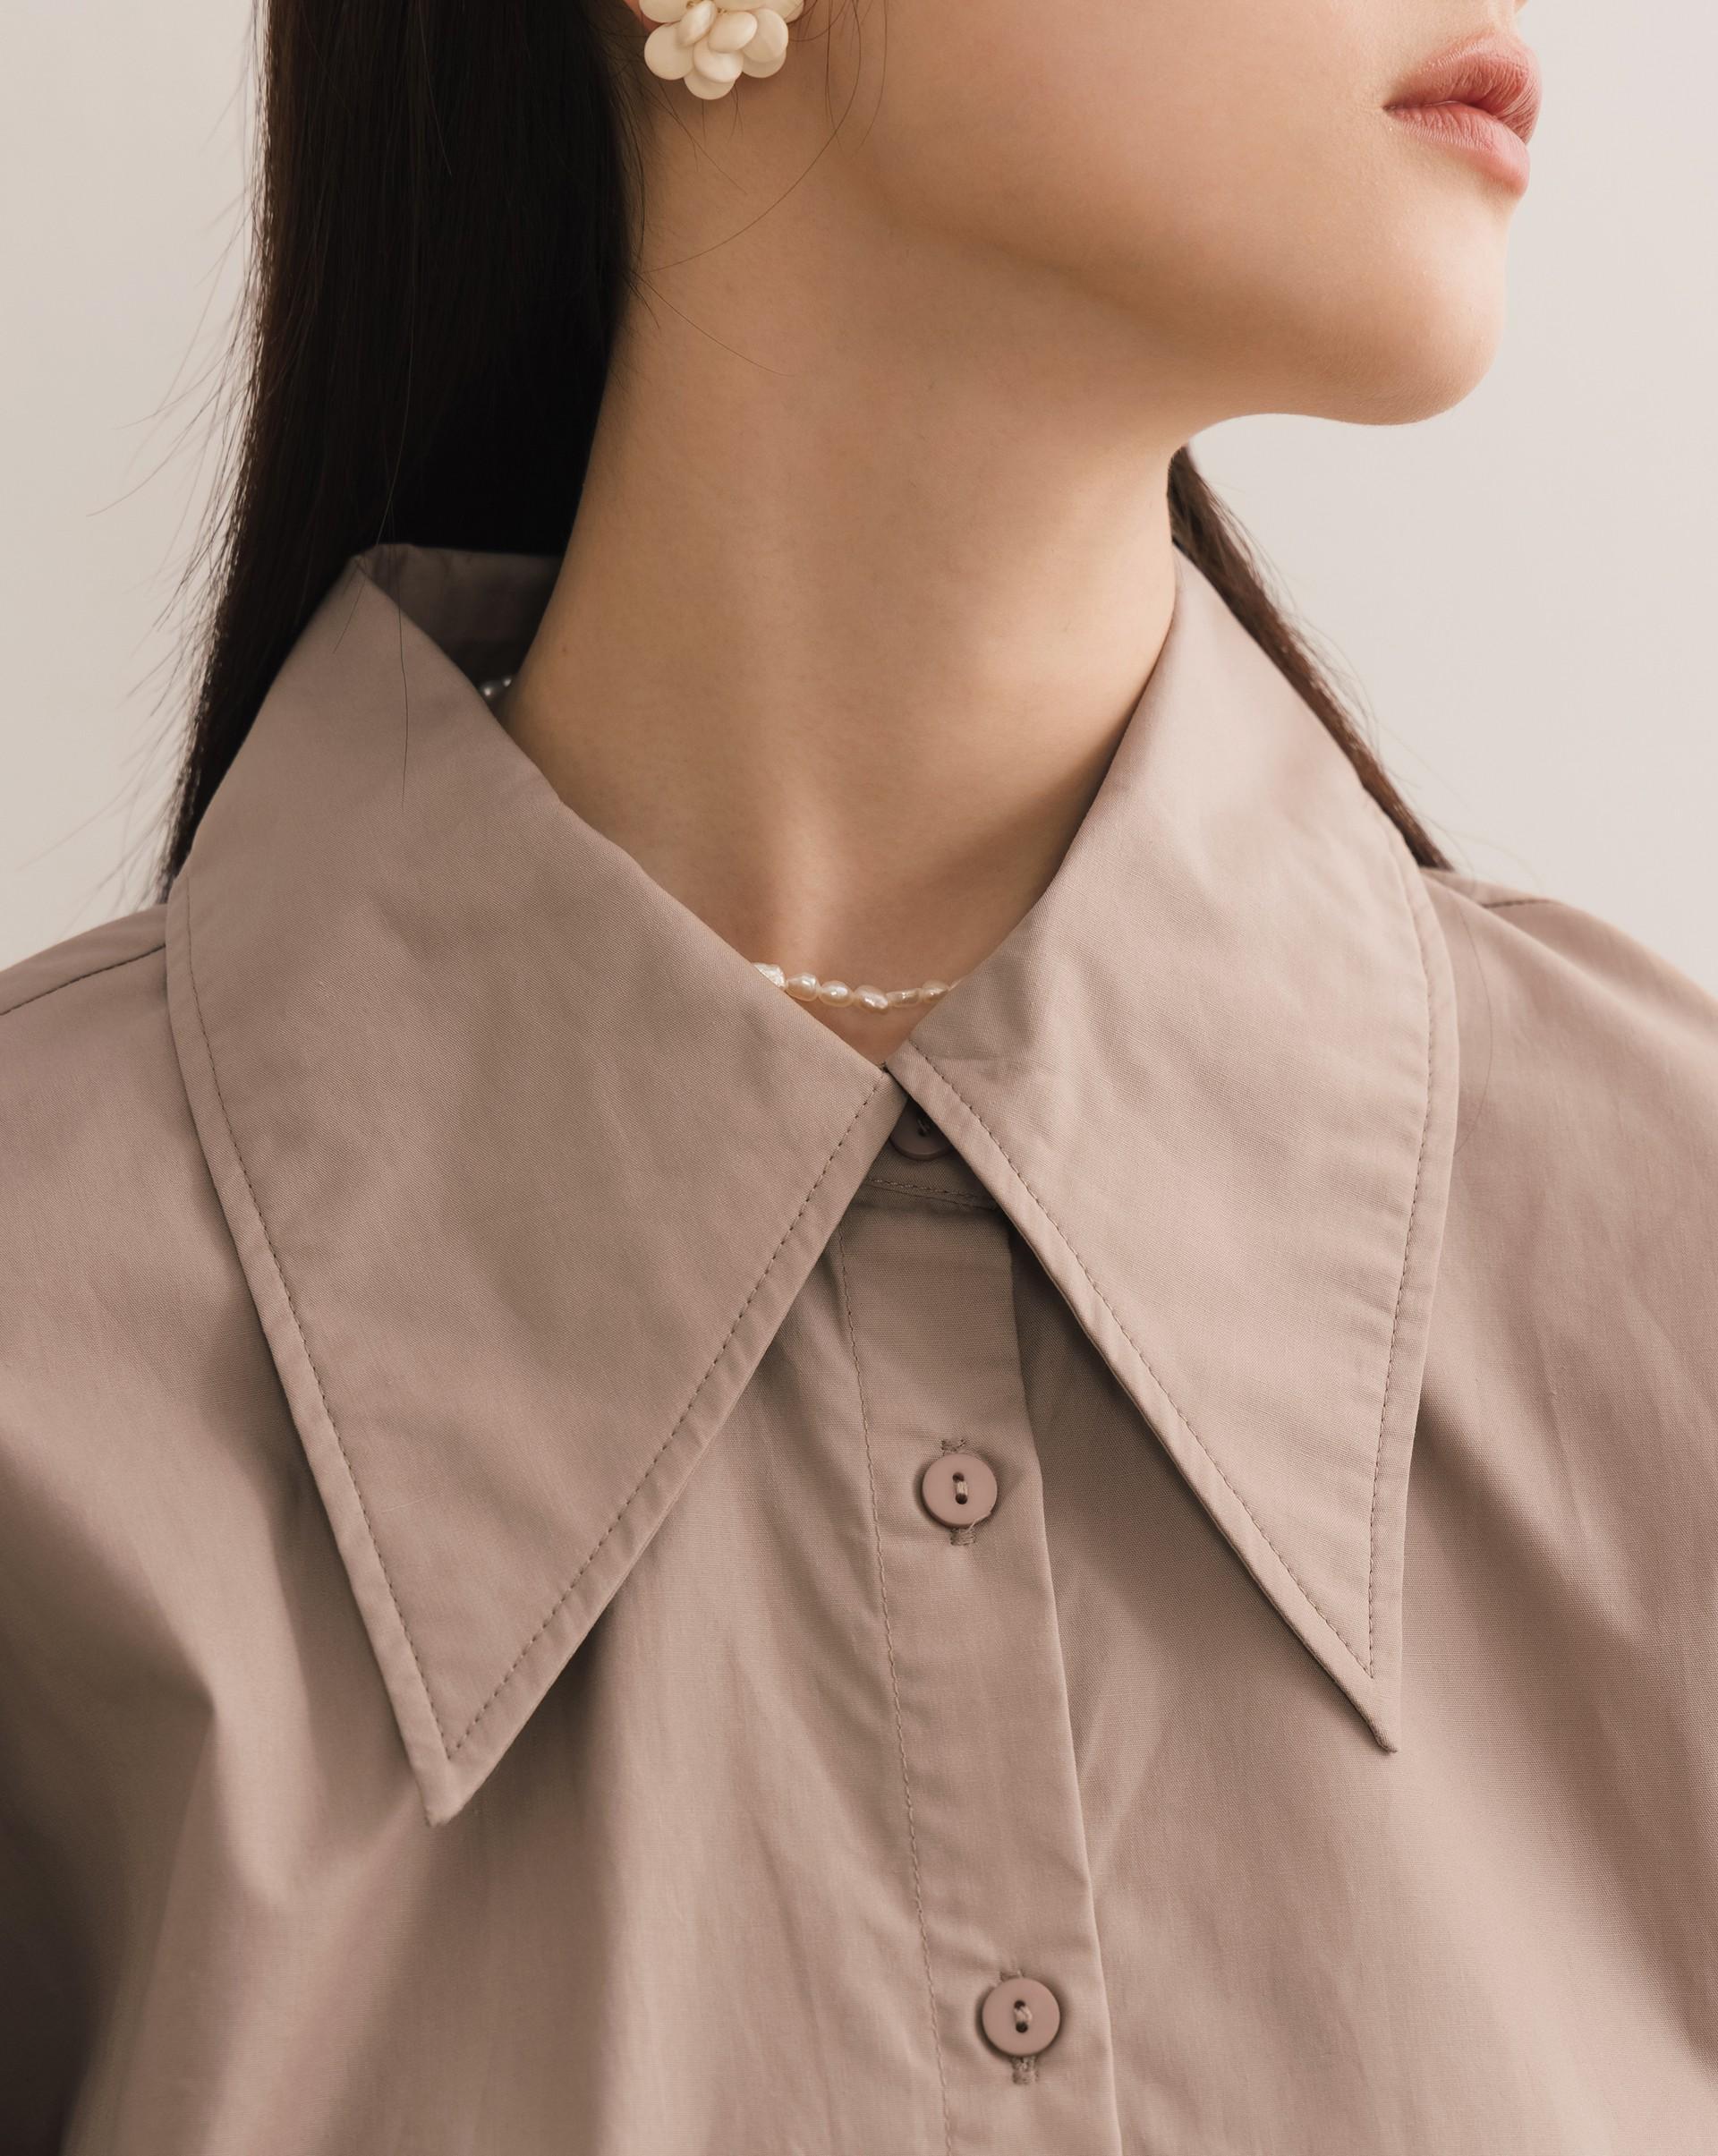 大尖領寬鬆感襯衫-Meierq